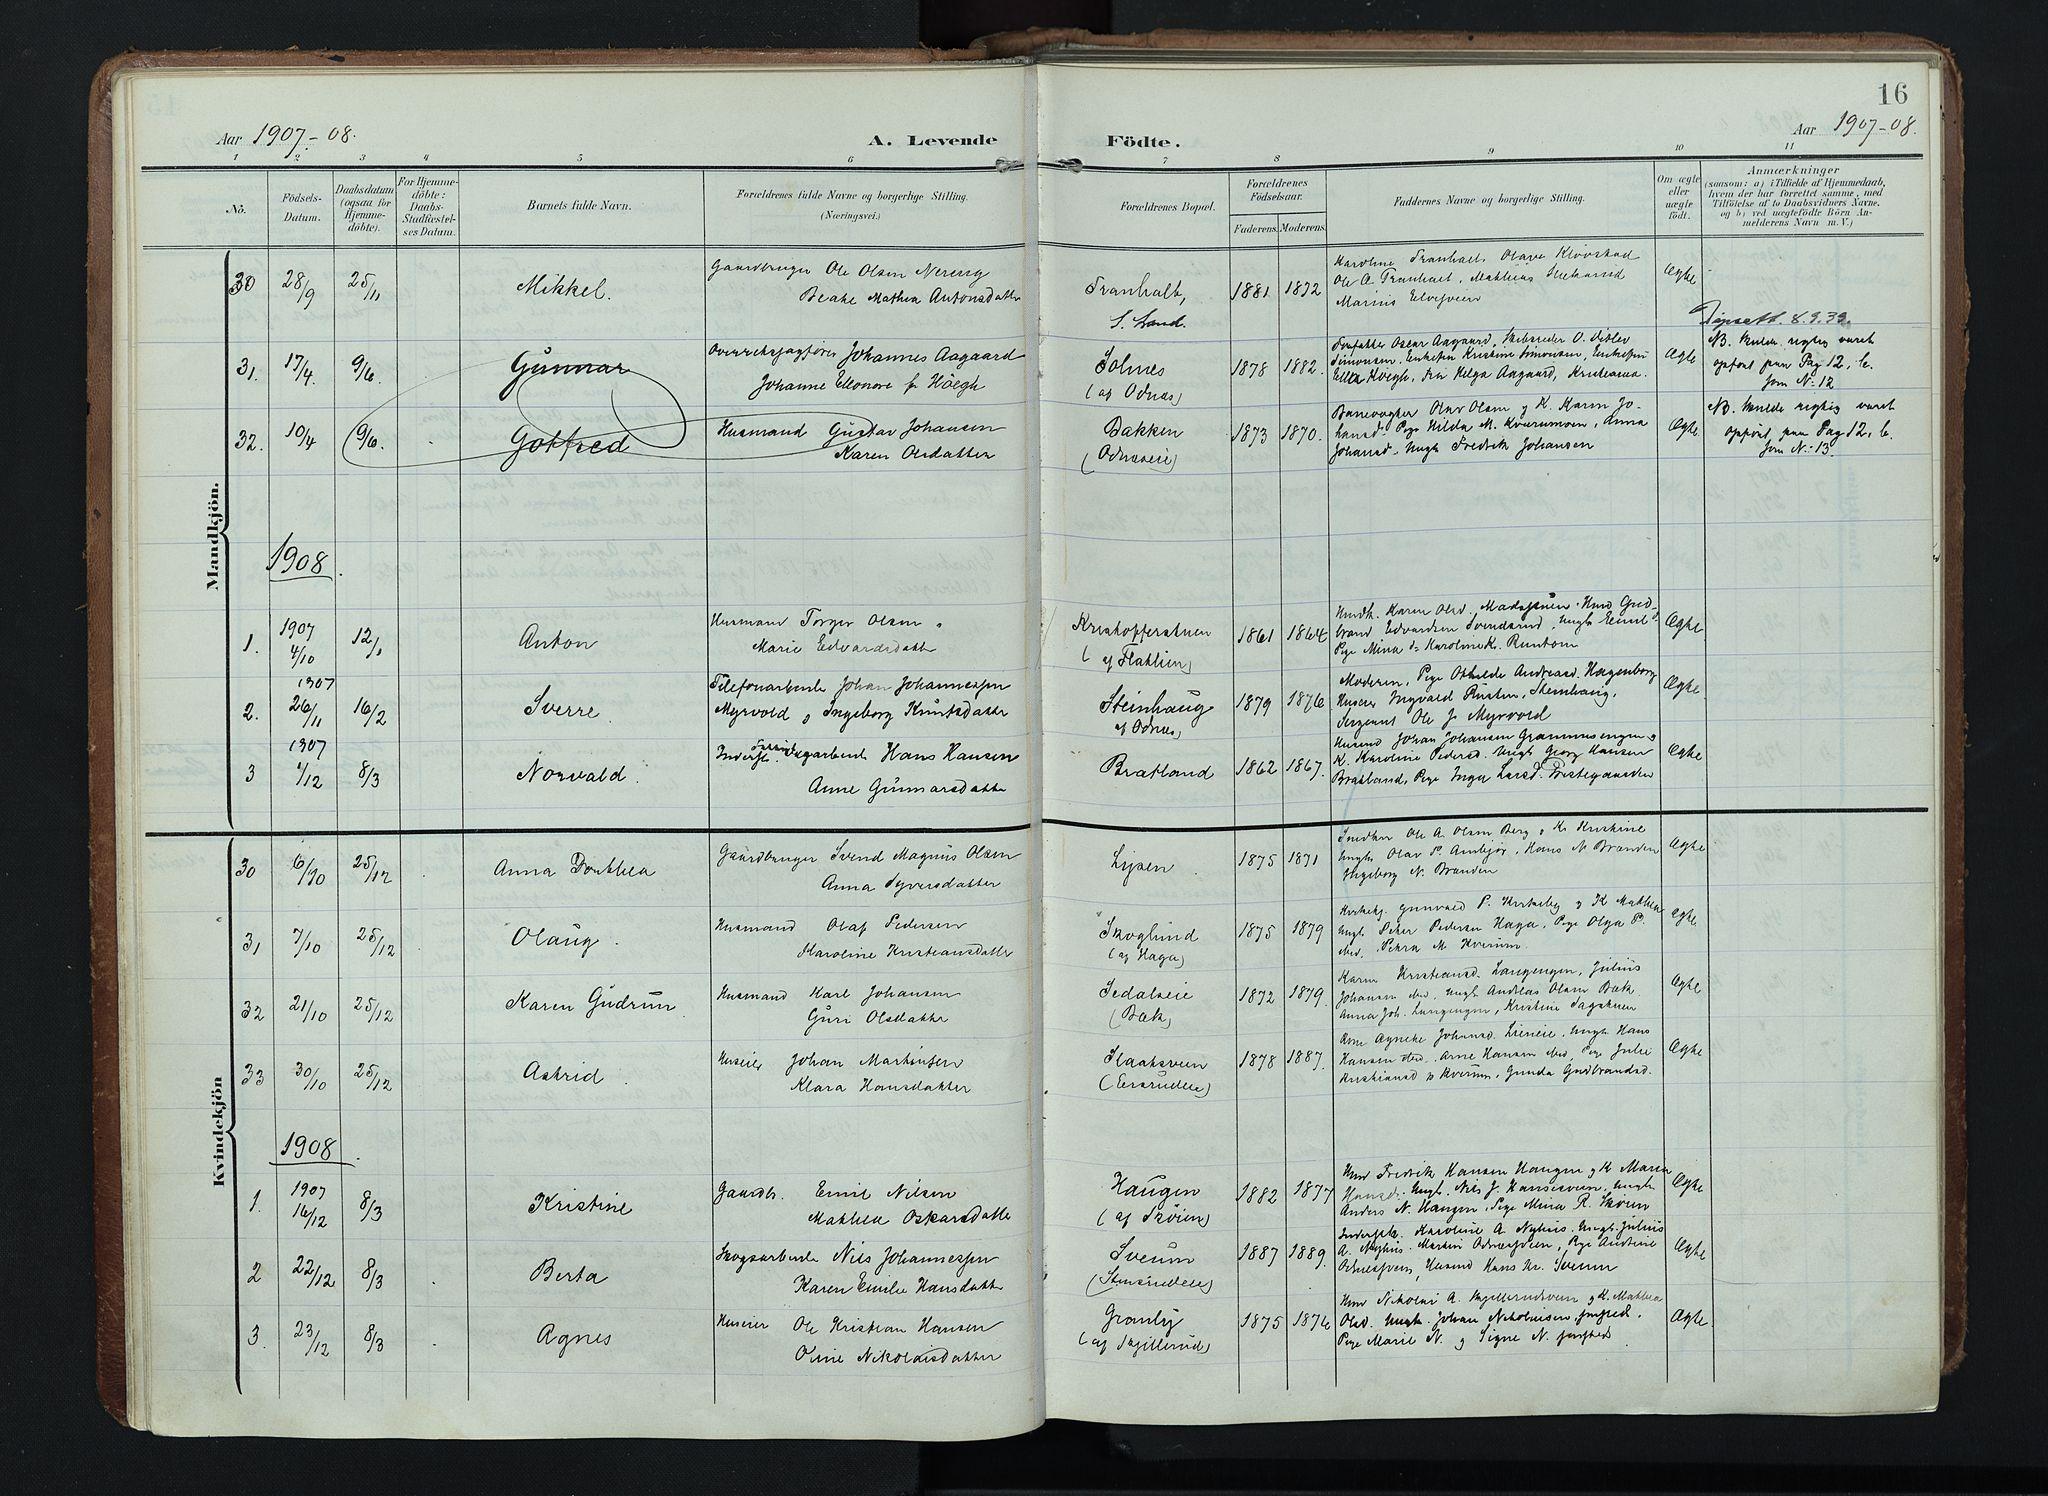 SAH, Søndre Land prestekontor, K/L0005: Ministerialbok nr. 5, 1905-1914, s. 16